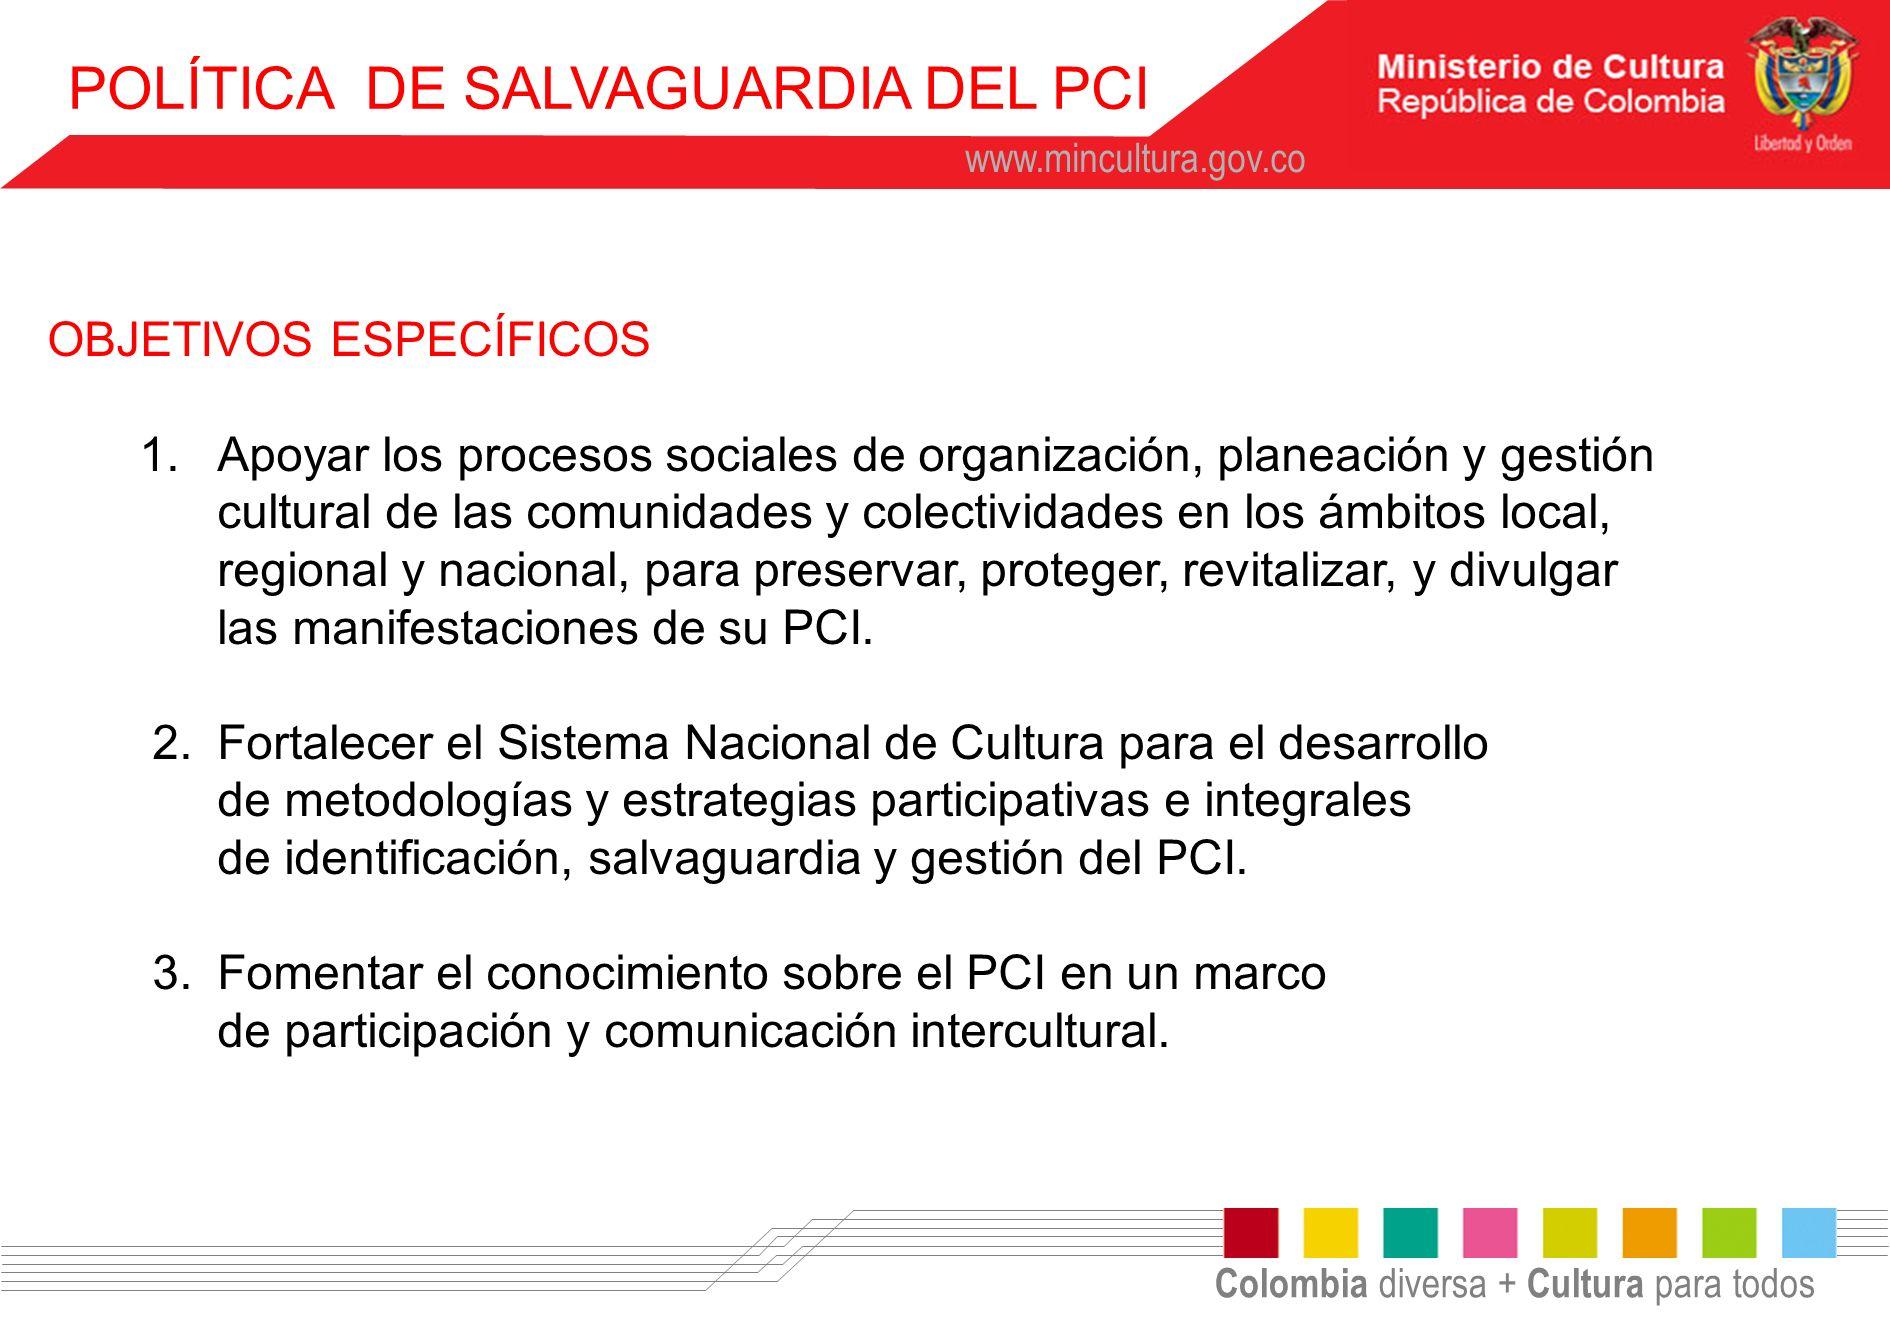 Colombia diversa + Cultura para todos www.mincultura.gov.co POLÍTICA DE SALVAGUARDIA DEL PCI OBJETIVOS ESPECÍFICOS 1.Apoyar los procesos sociales de o